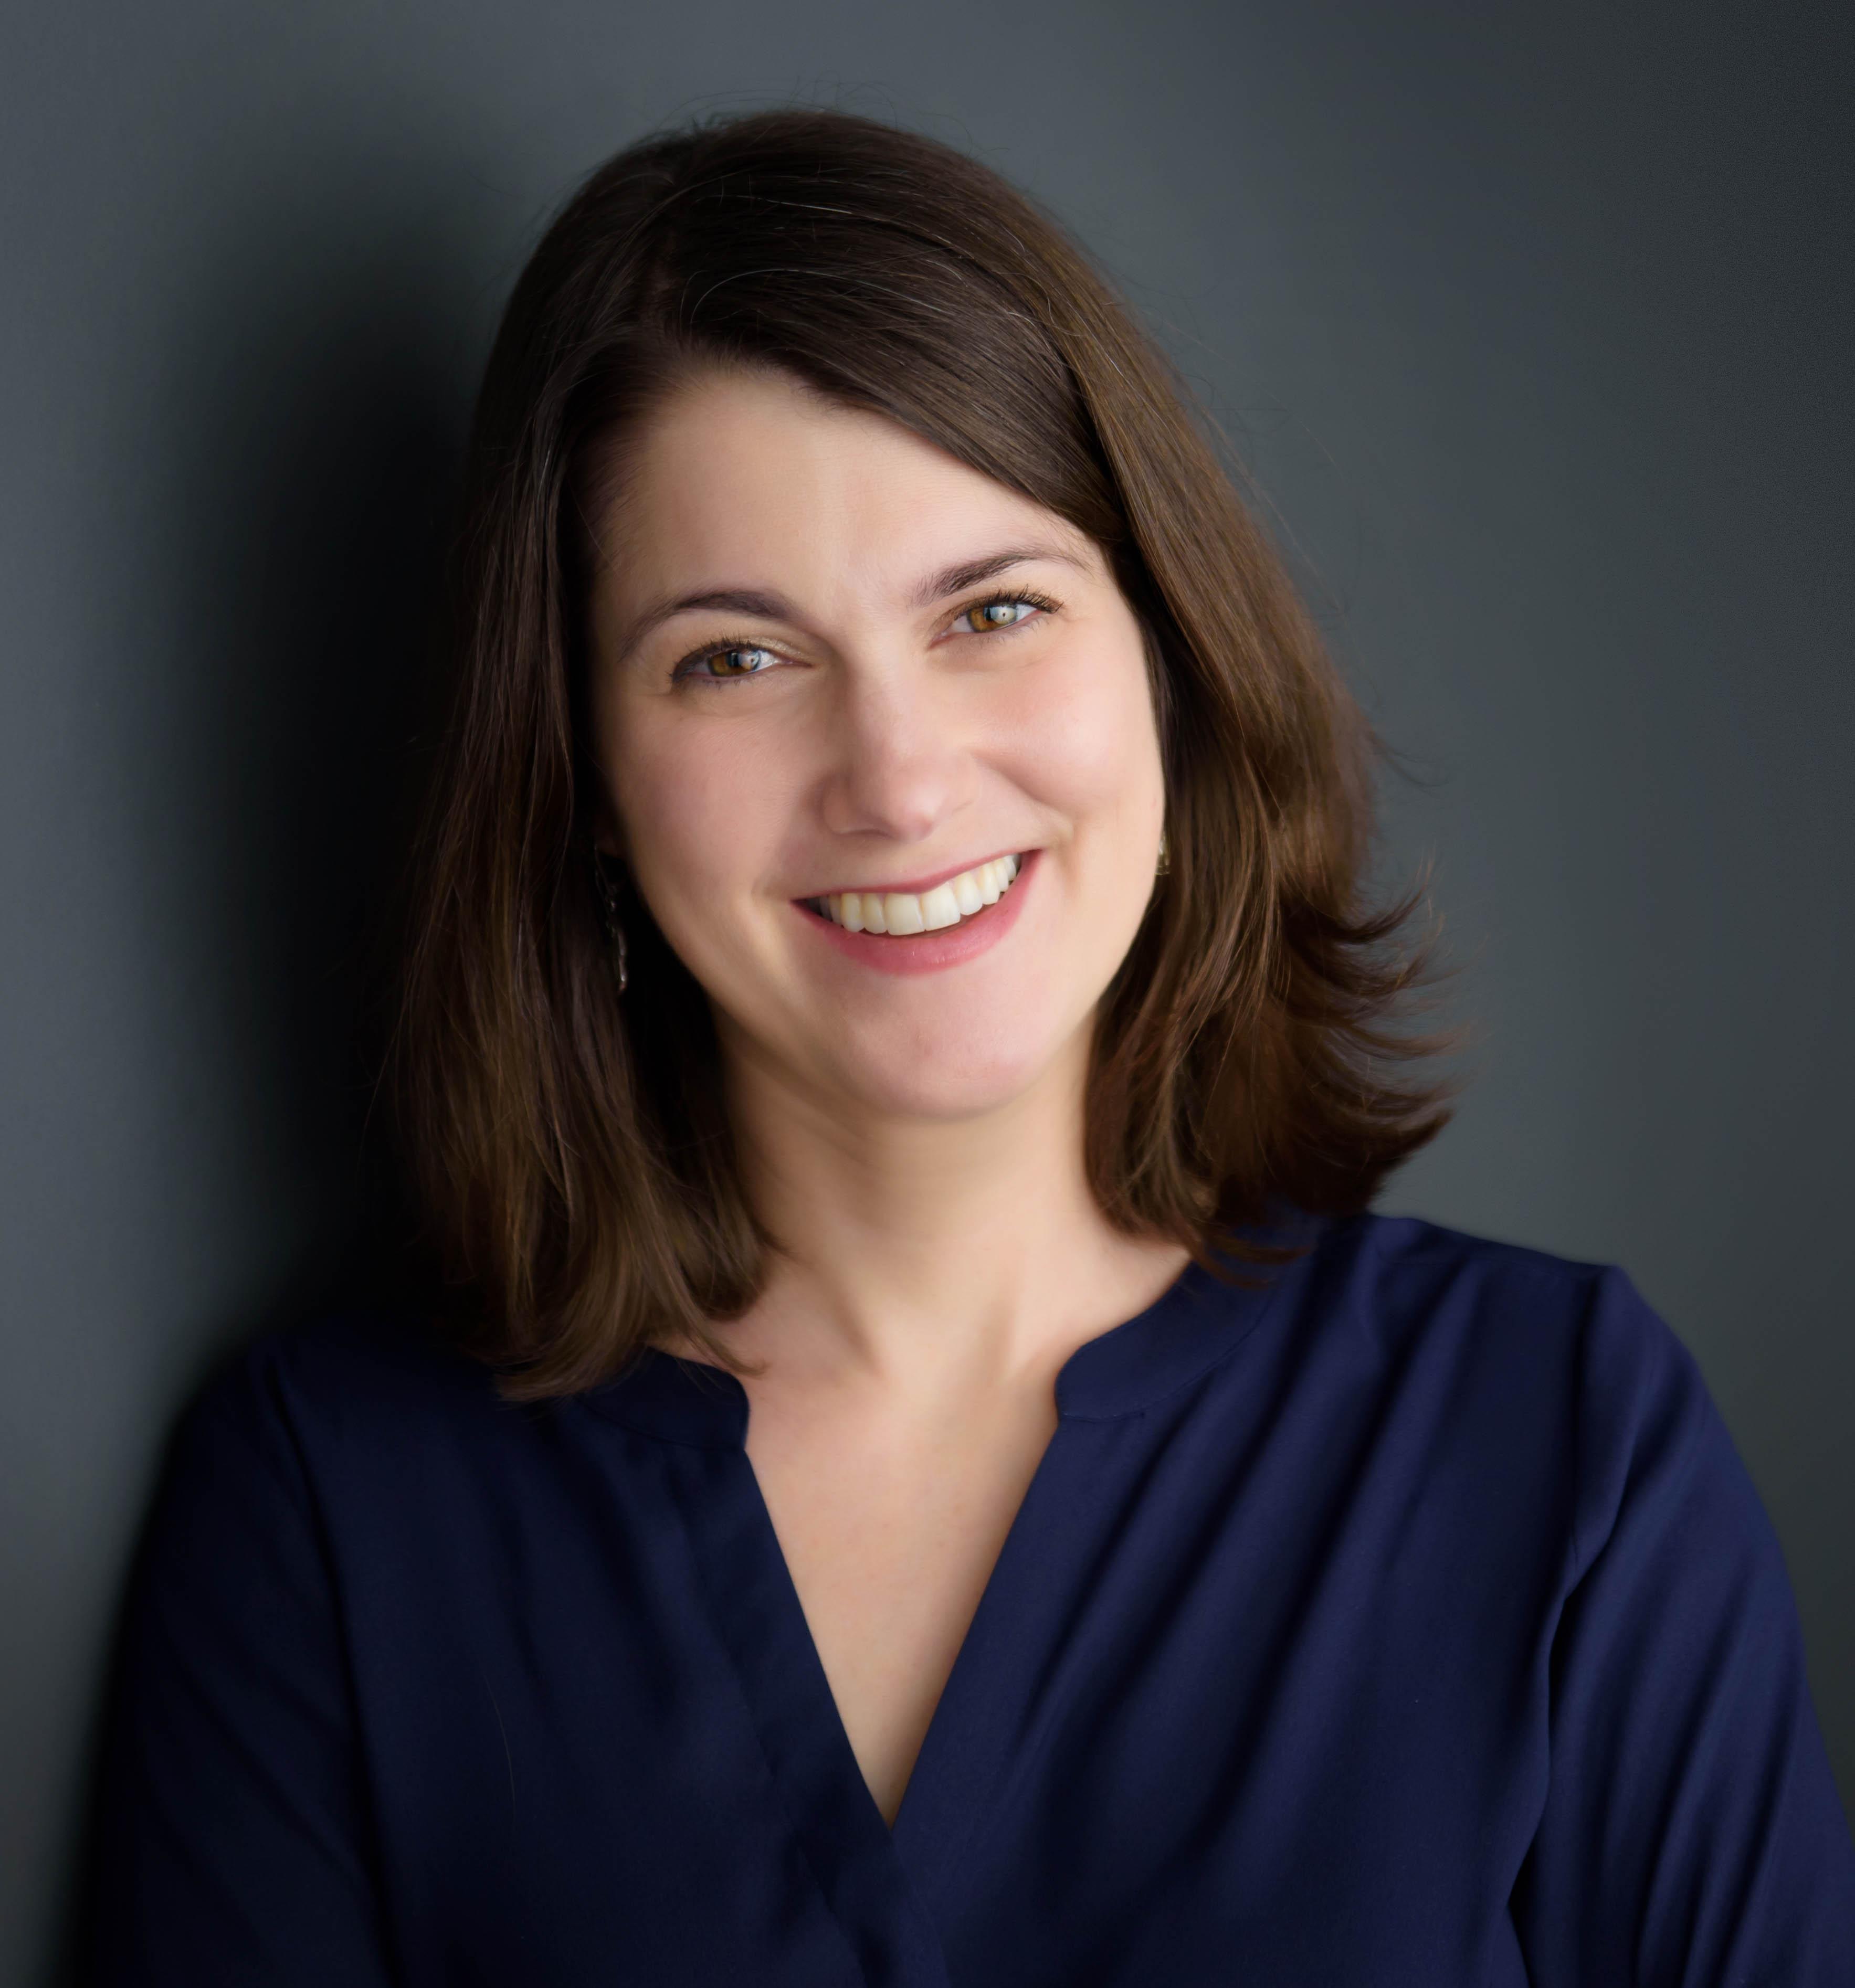 Dr. Melisa Moore